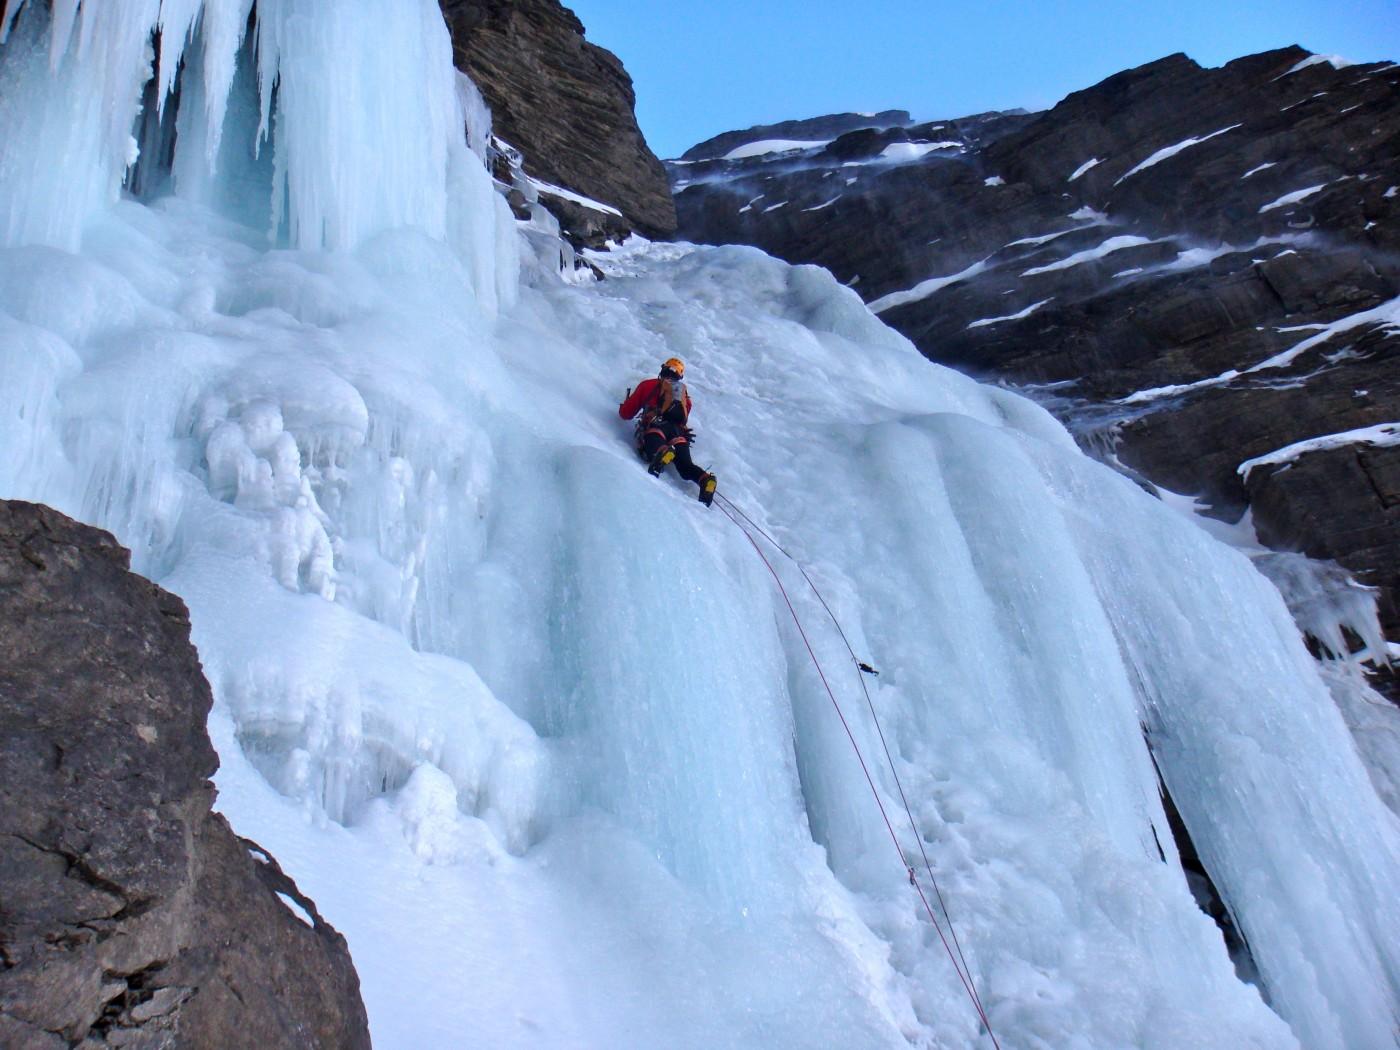 Escalade sur glace au torrent de Gramusat, à Freissinières.